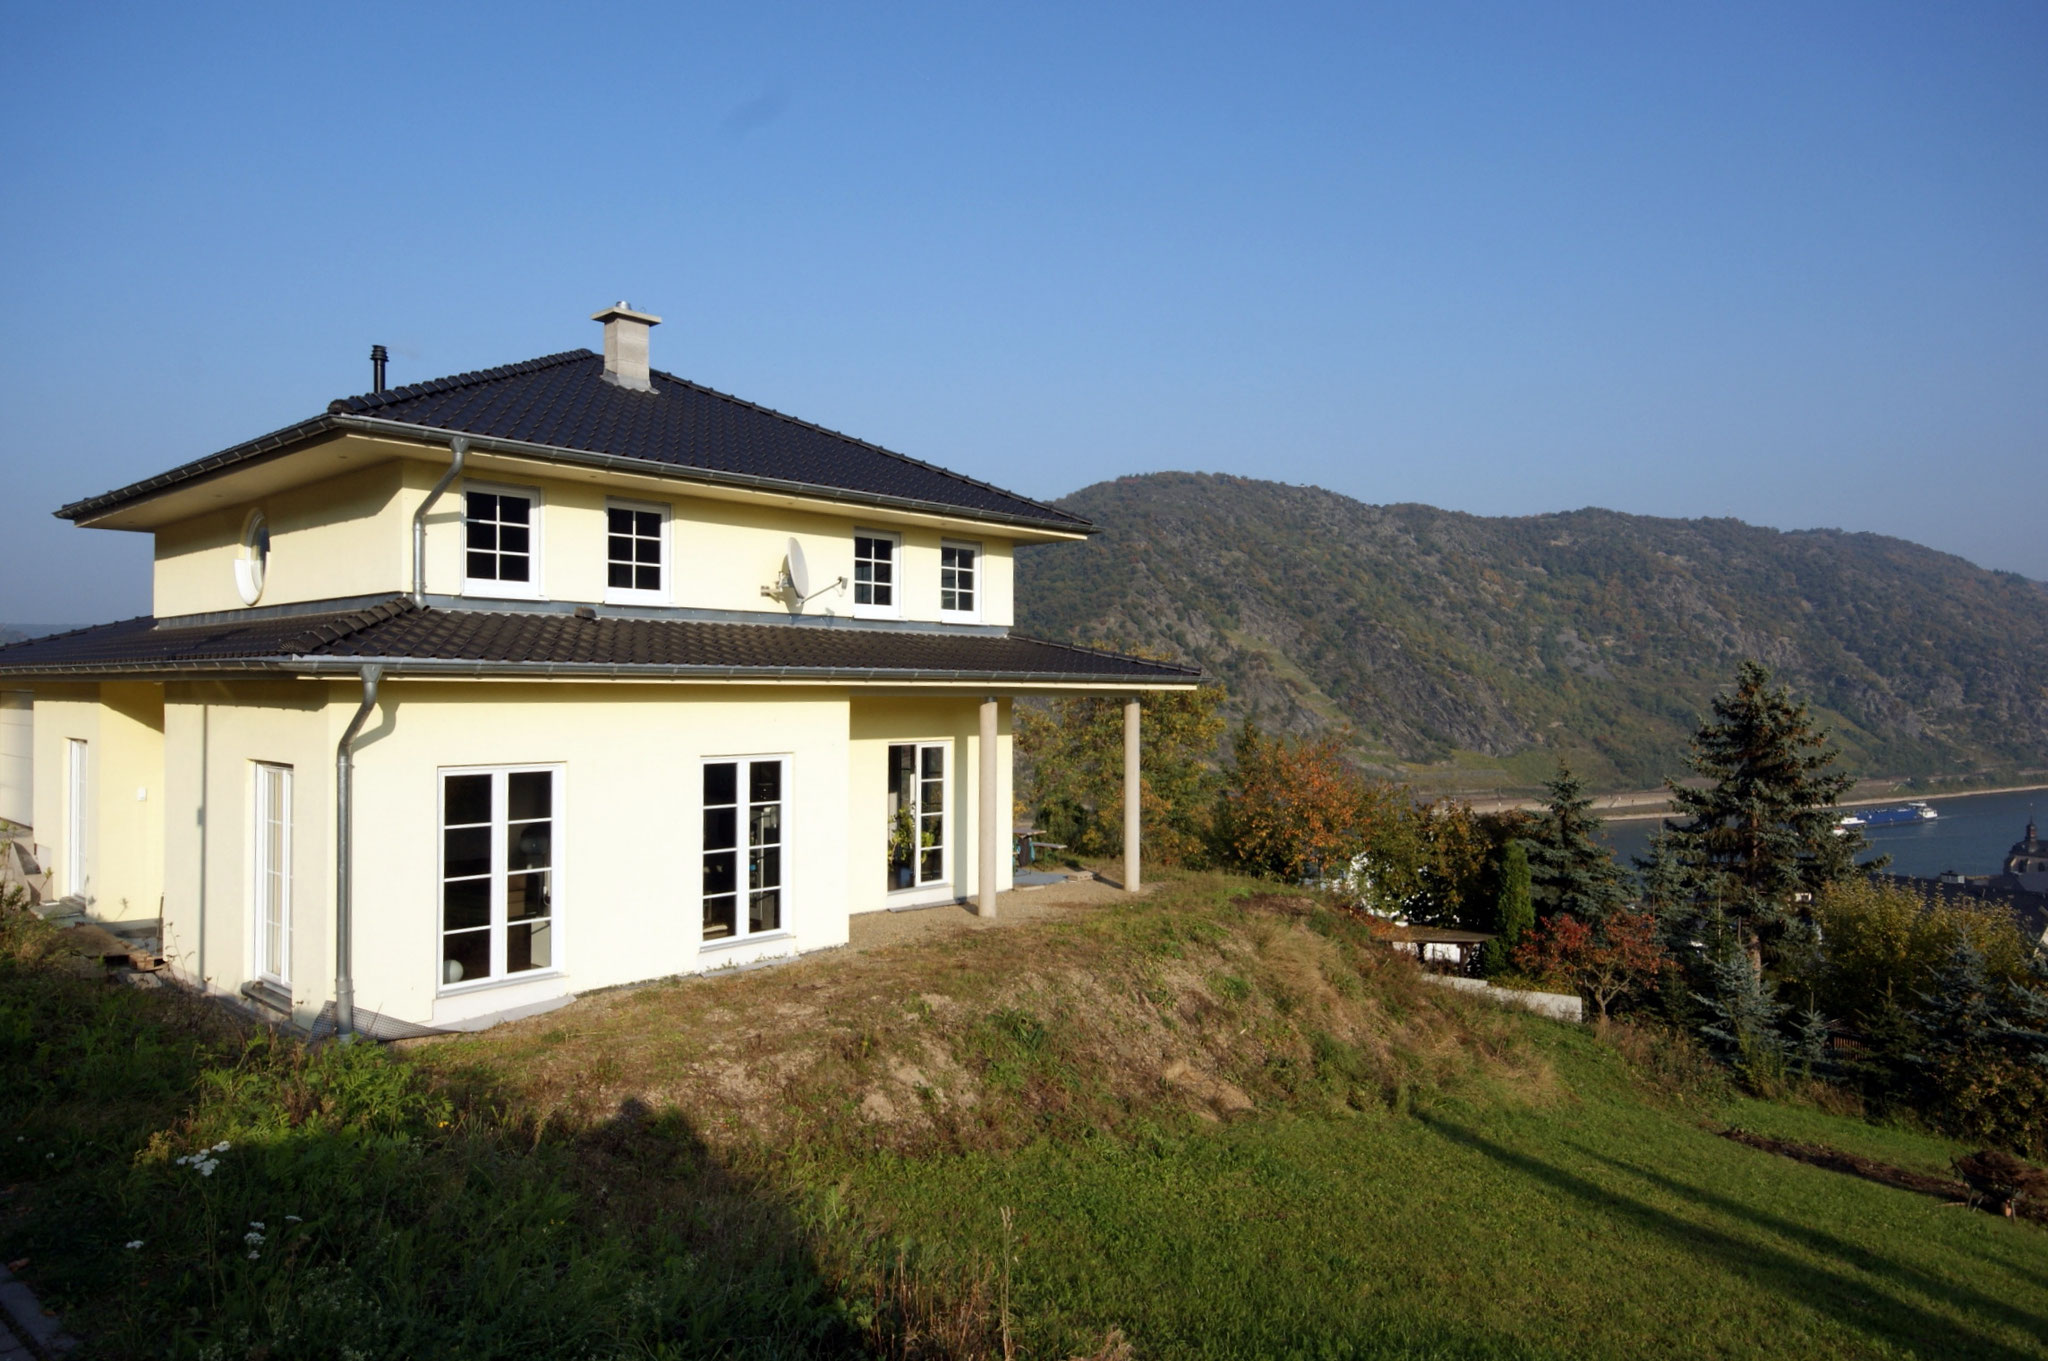 Rhein-Hunsrück-Kreis: Mediterranes Haus mit freiem Rheinblick in Oberwesel